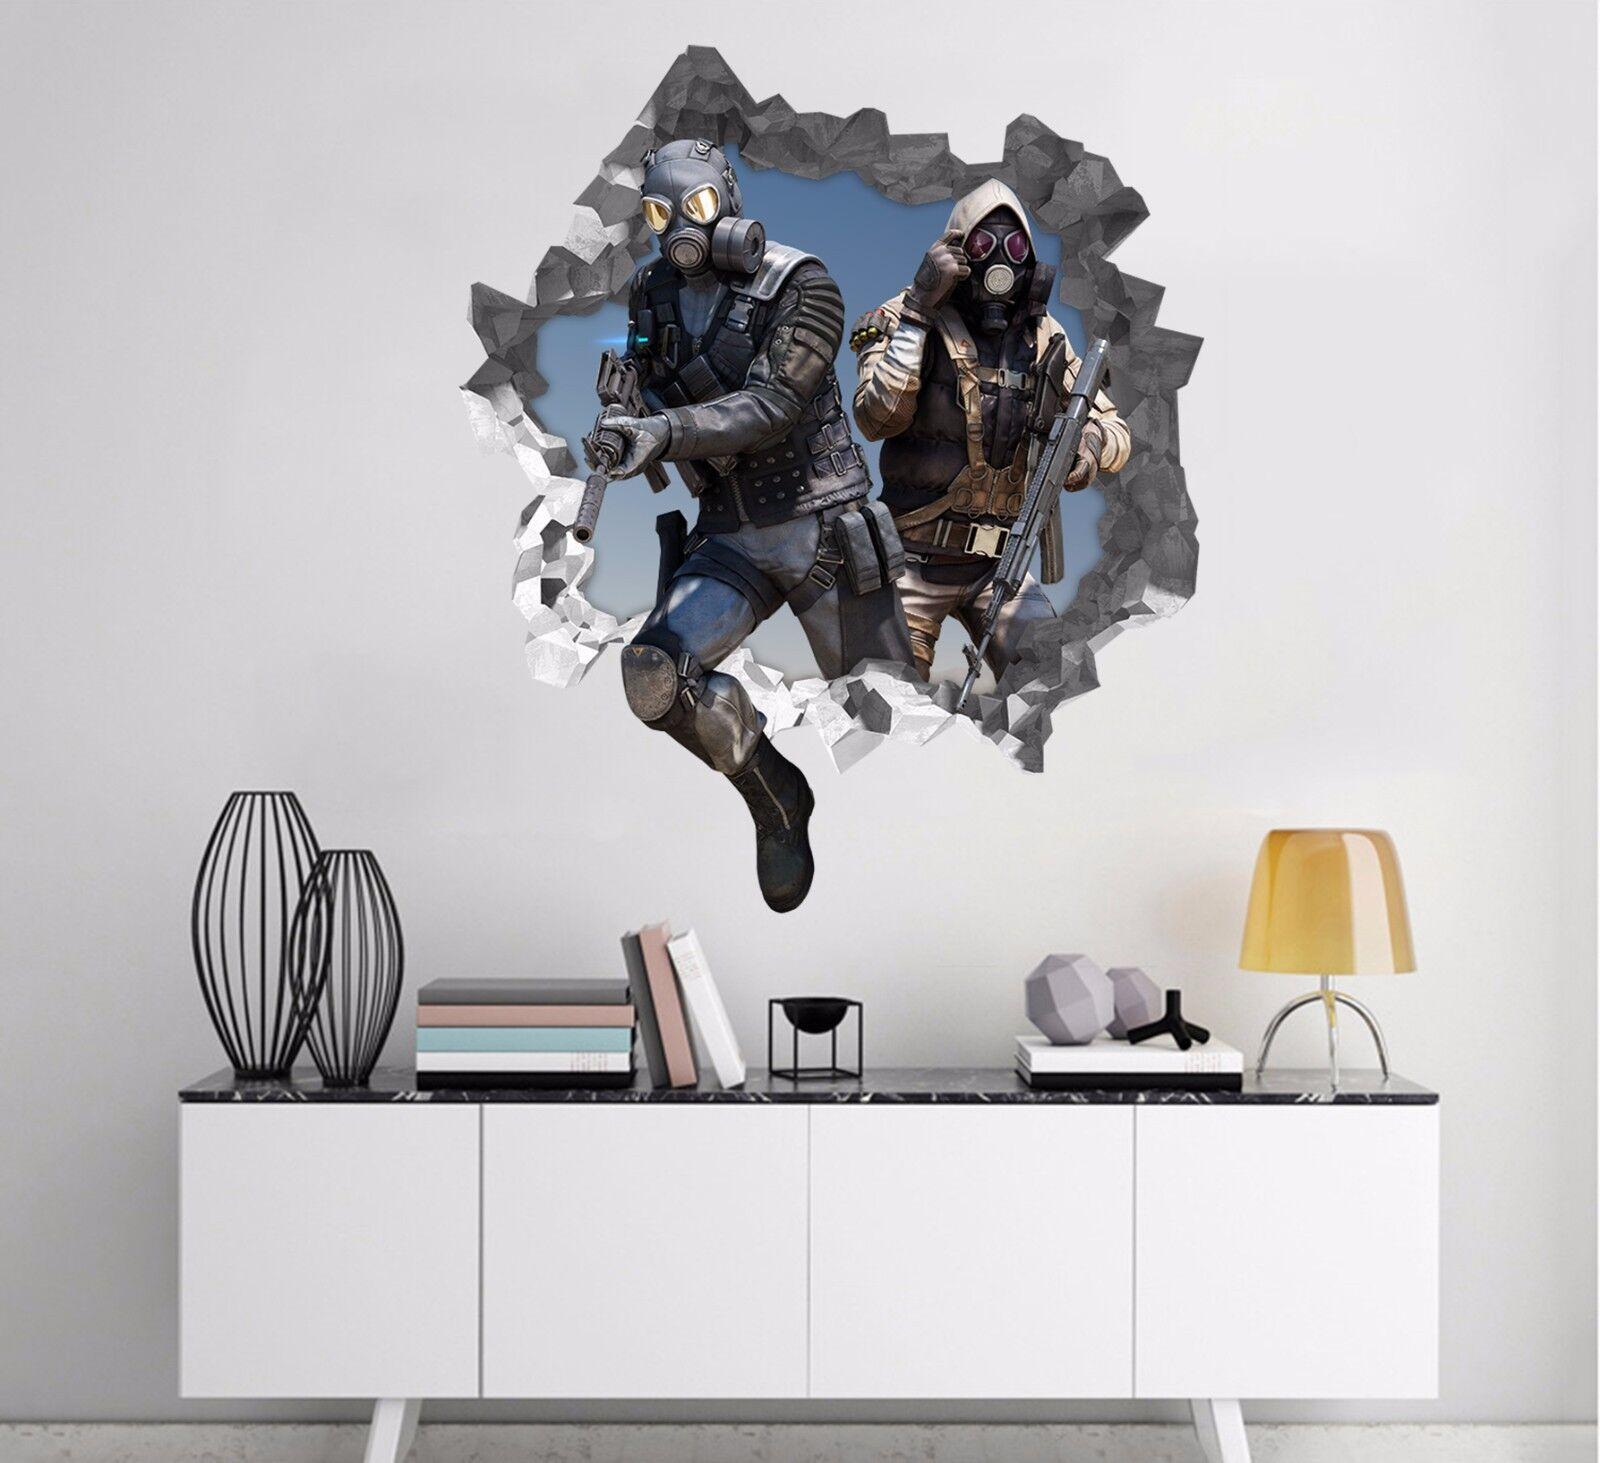 3D Kühle Krieger 94 Mauer Murals Mauer Aufklebe Decal Durchbruch AJ WALLPAPER DE